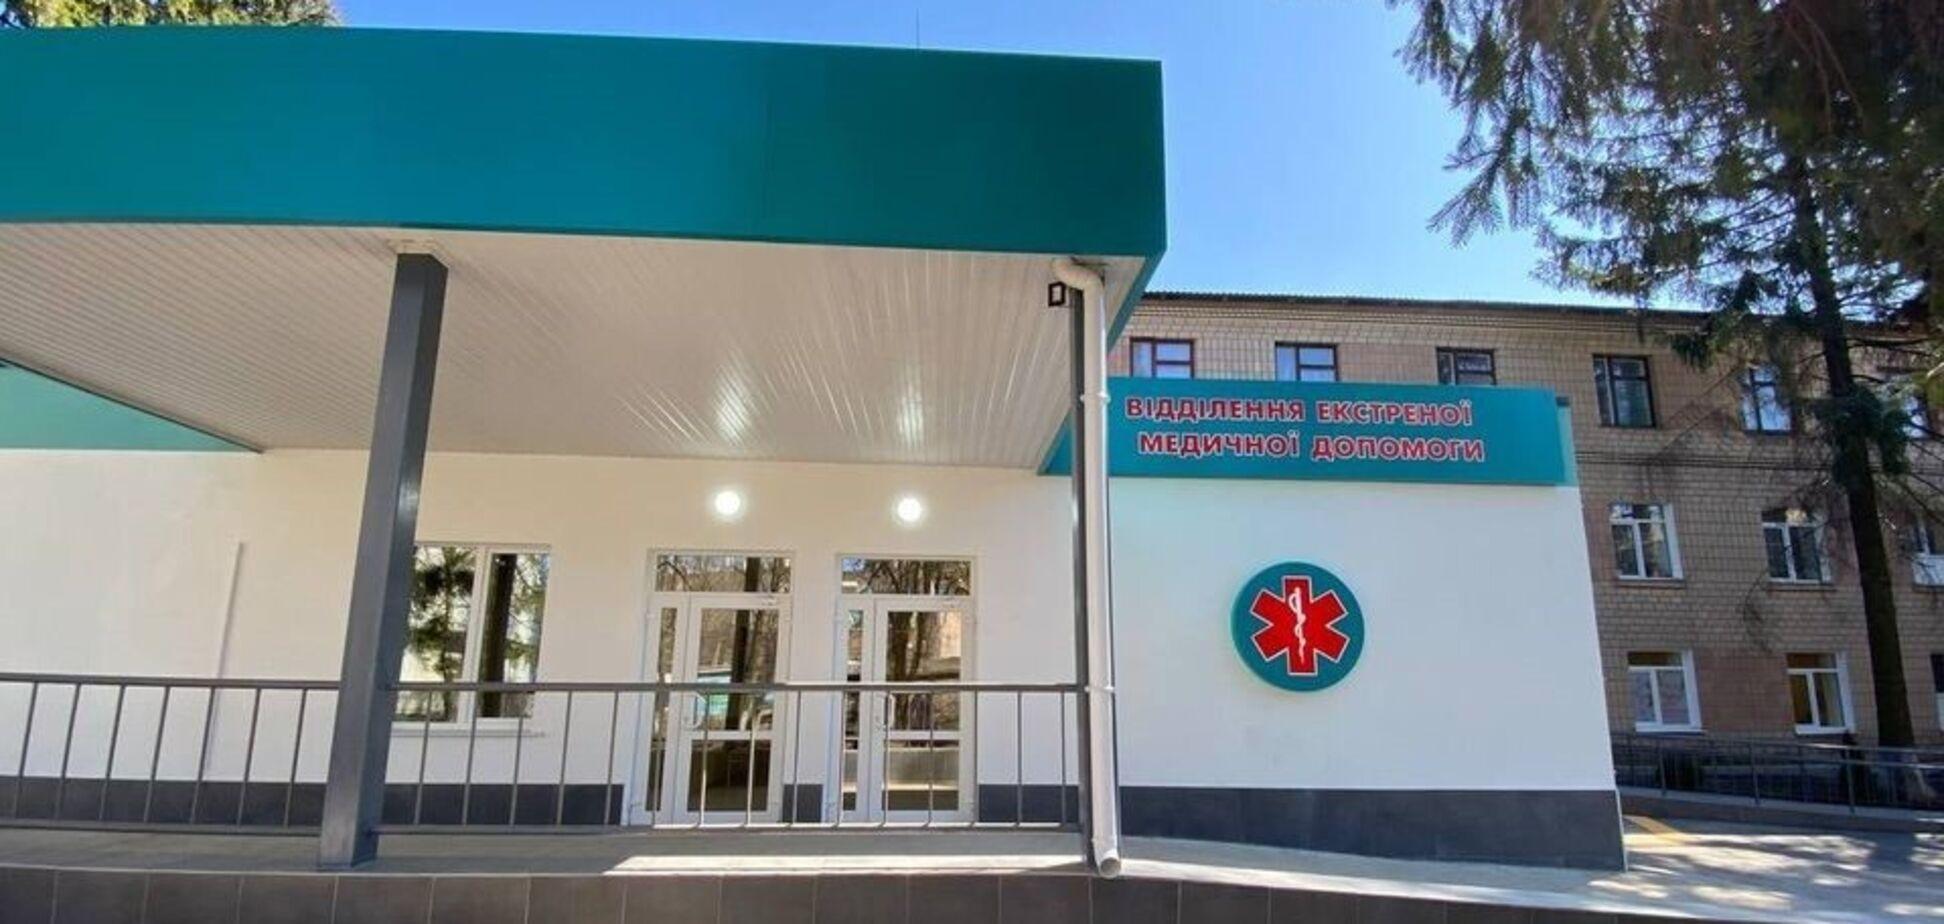 Кіровоградщина здала перше відділення екстреної меддопомоги у межах 'Великого будівництва'